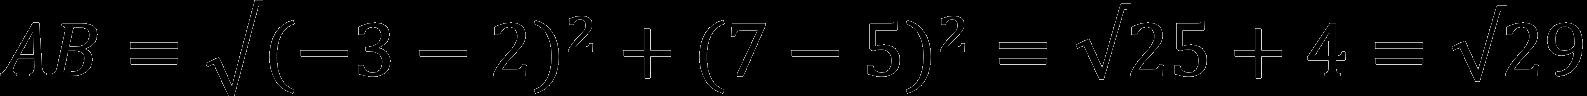 Пример нахождения расстояния между двумя точками на плоскости